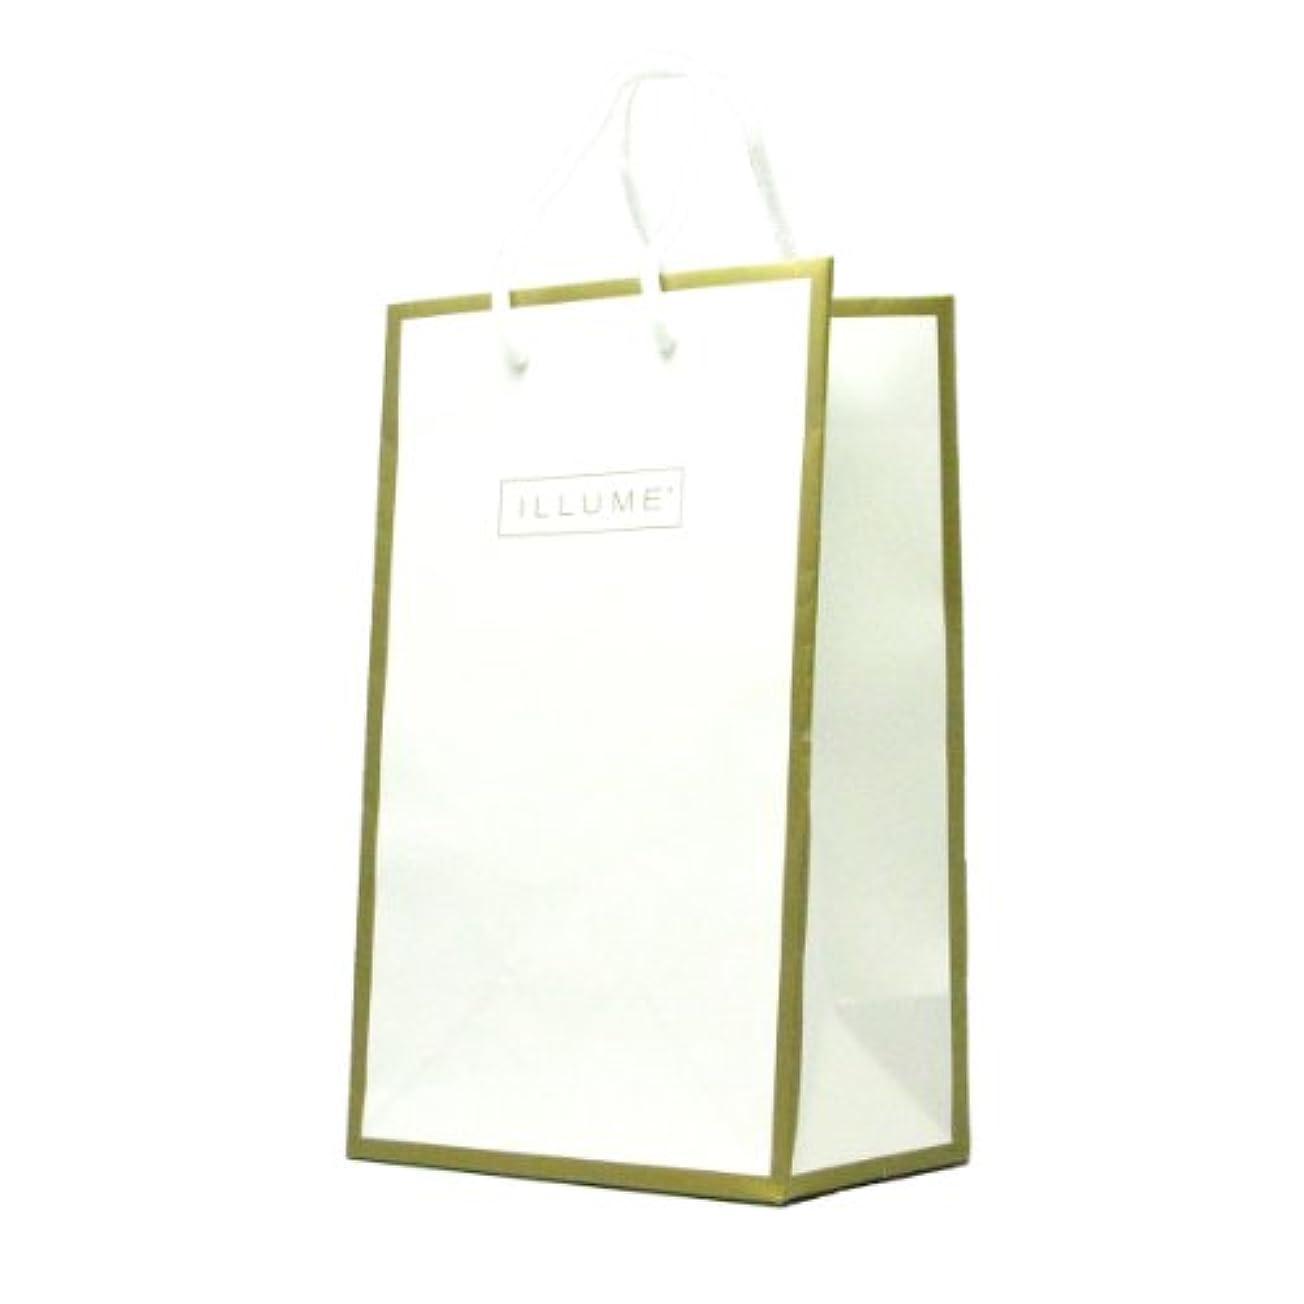 キロメートル編集するパフイリューム(ILLUME) ギフトバッグ(Gift Bag) (ILLUMEギフトバッグ)